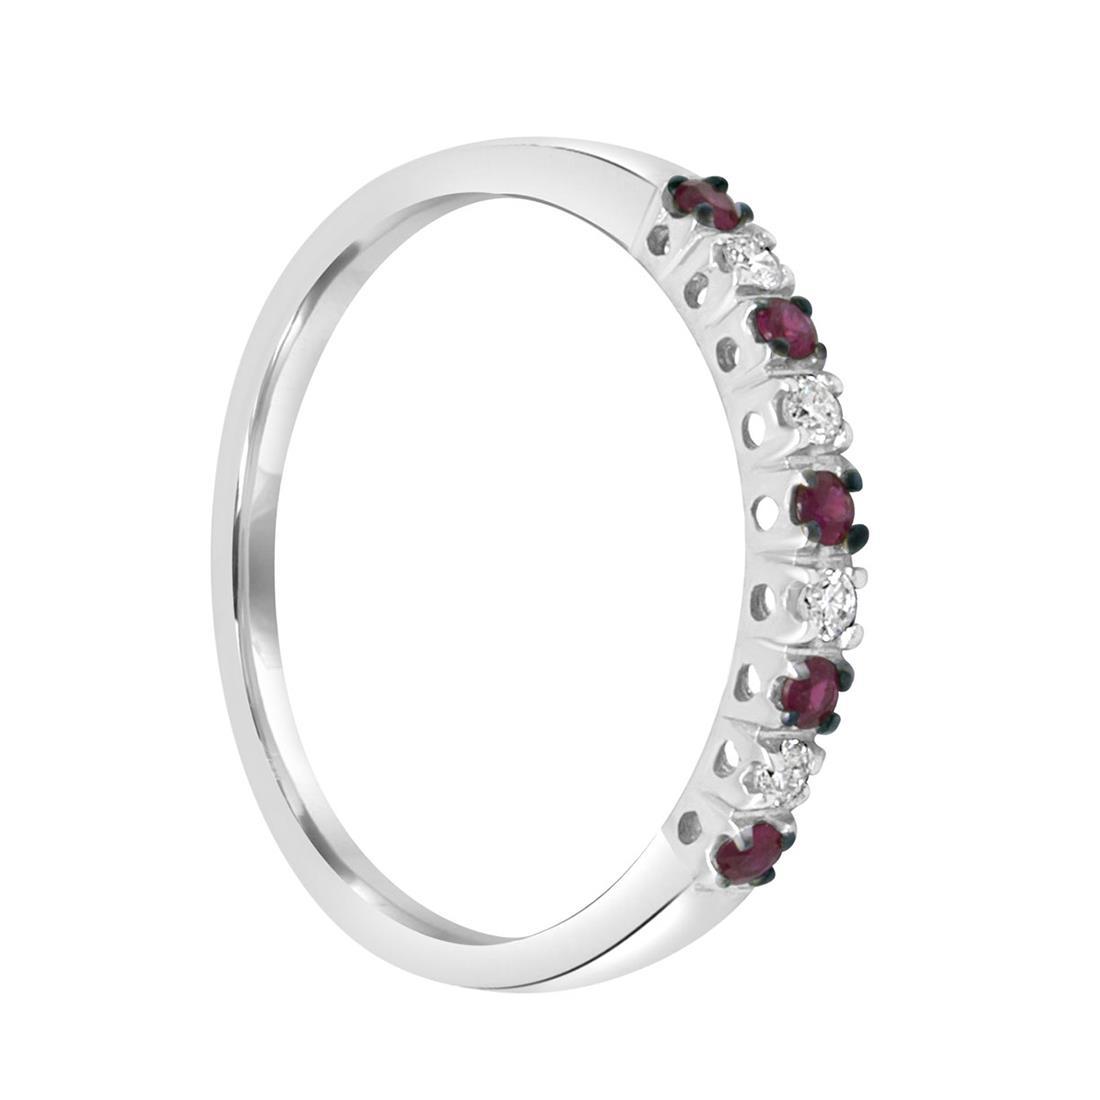 Anello in oro bianco con diamanti e rubini - ALFIERI & ST. JOHN